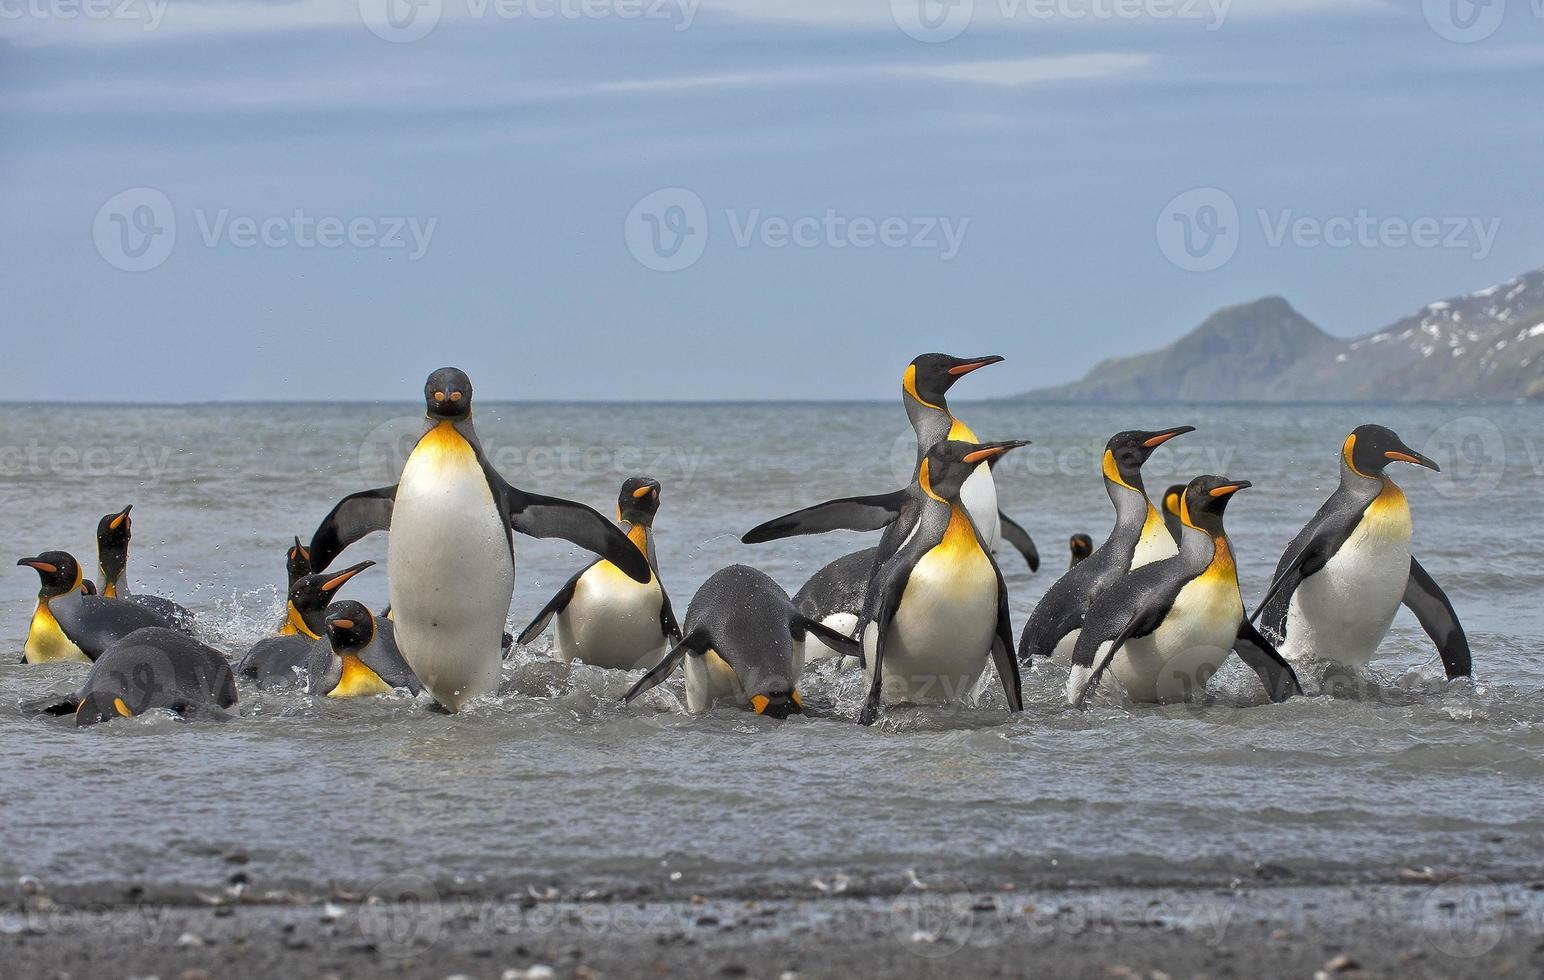 pingüinos rey llegando a tierra foto